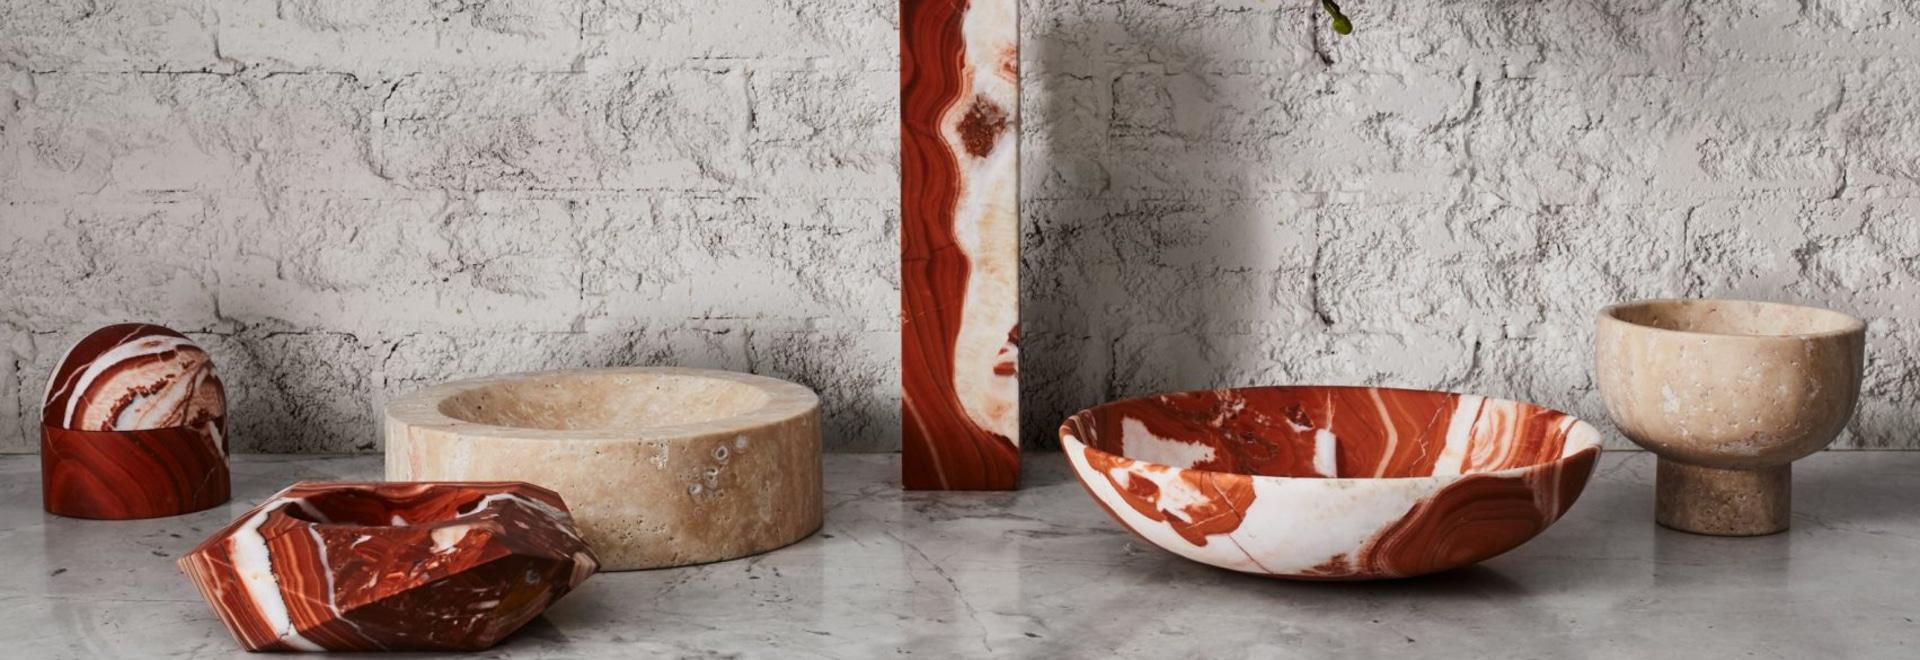 Greg Natale lance la collection de marbre, de coquille et d'accessoires décoratifs en laiton